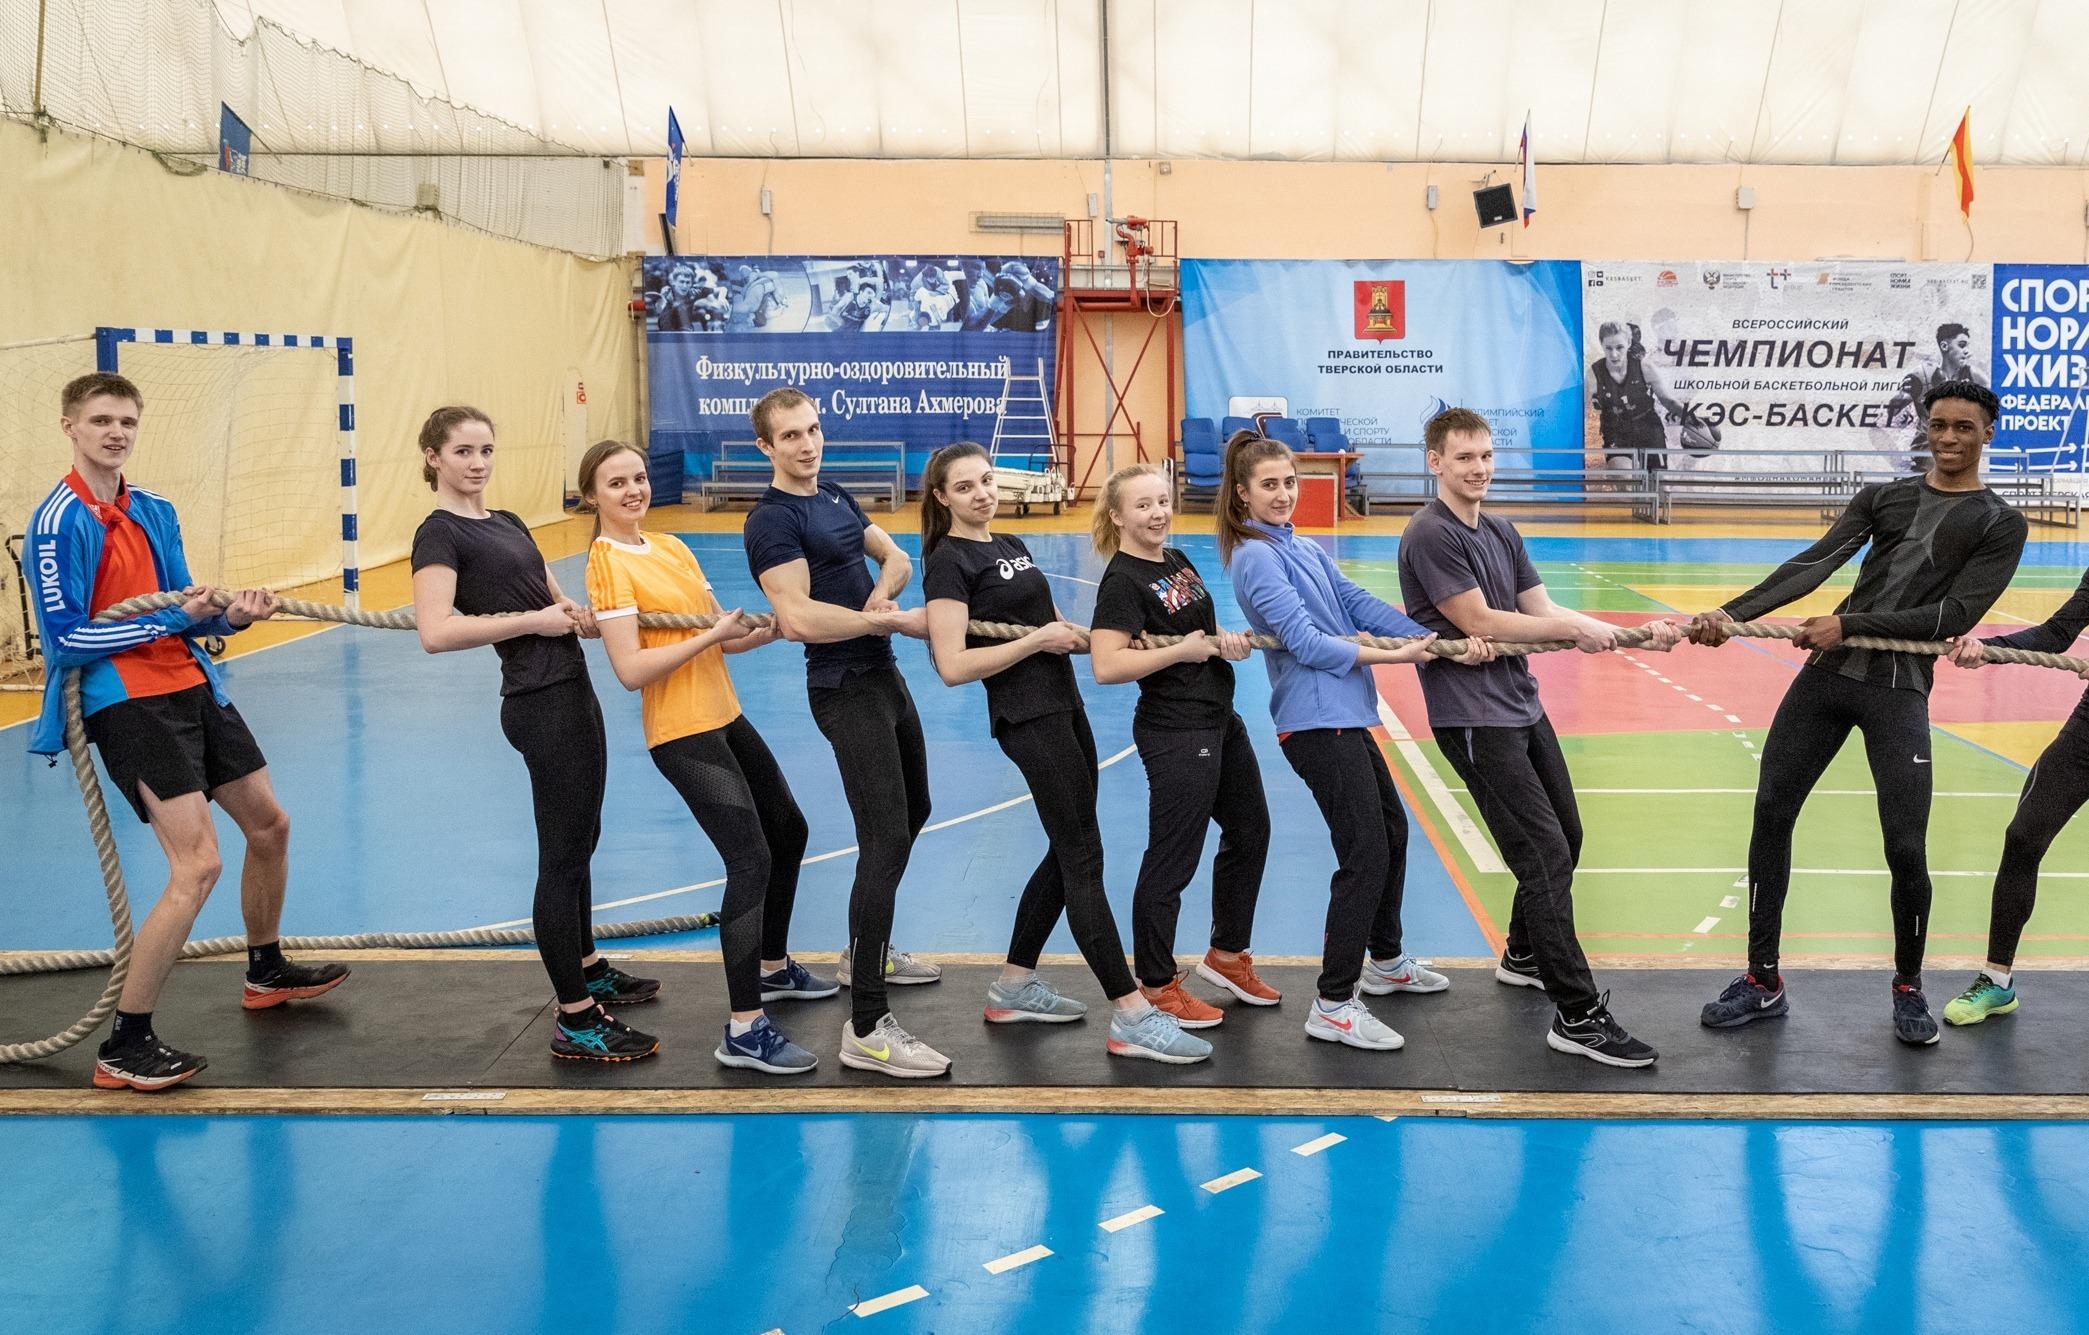 Студенты Политеха - бронзовые призёры соревнований по перетягиванию каната  - новости Афанасий